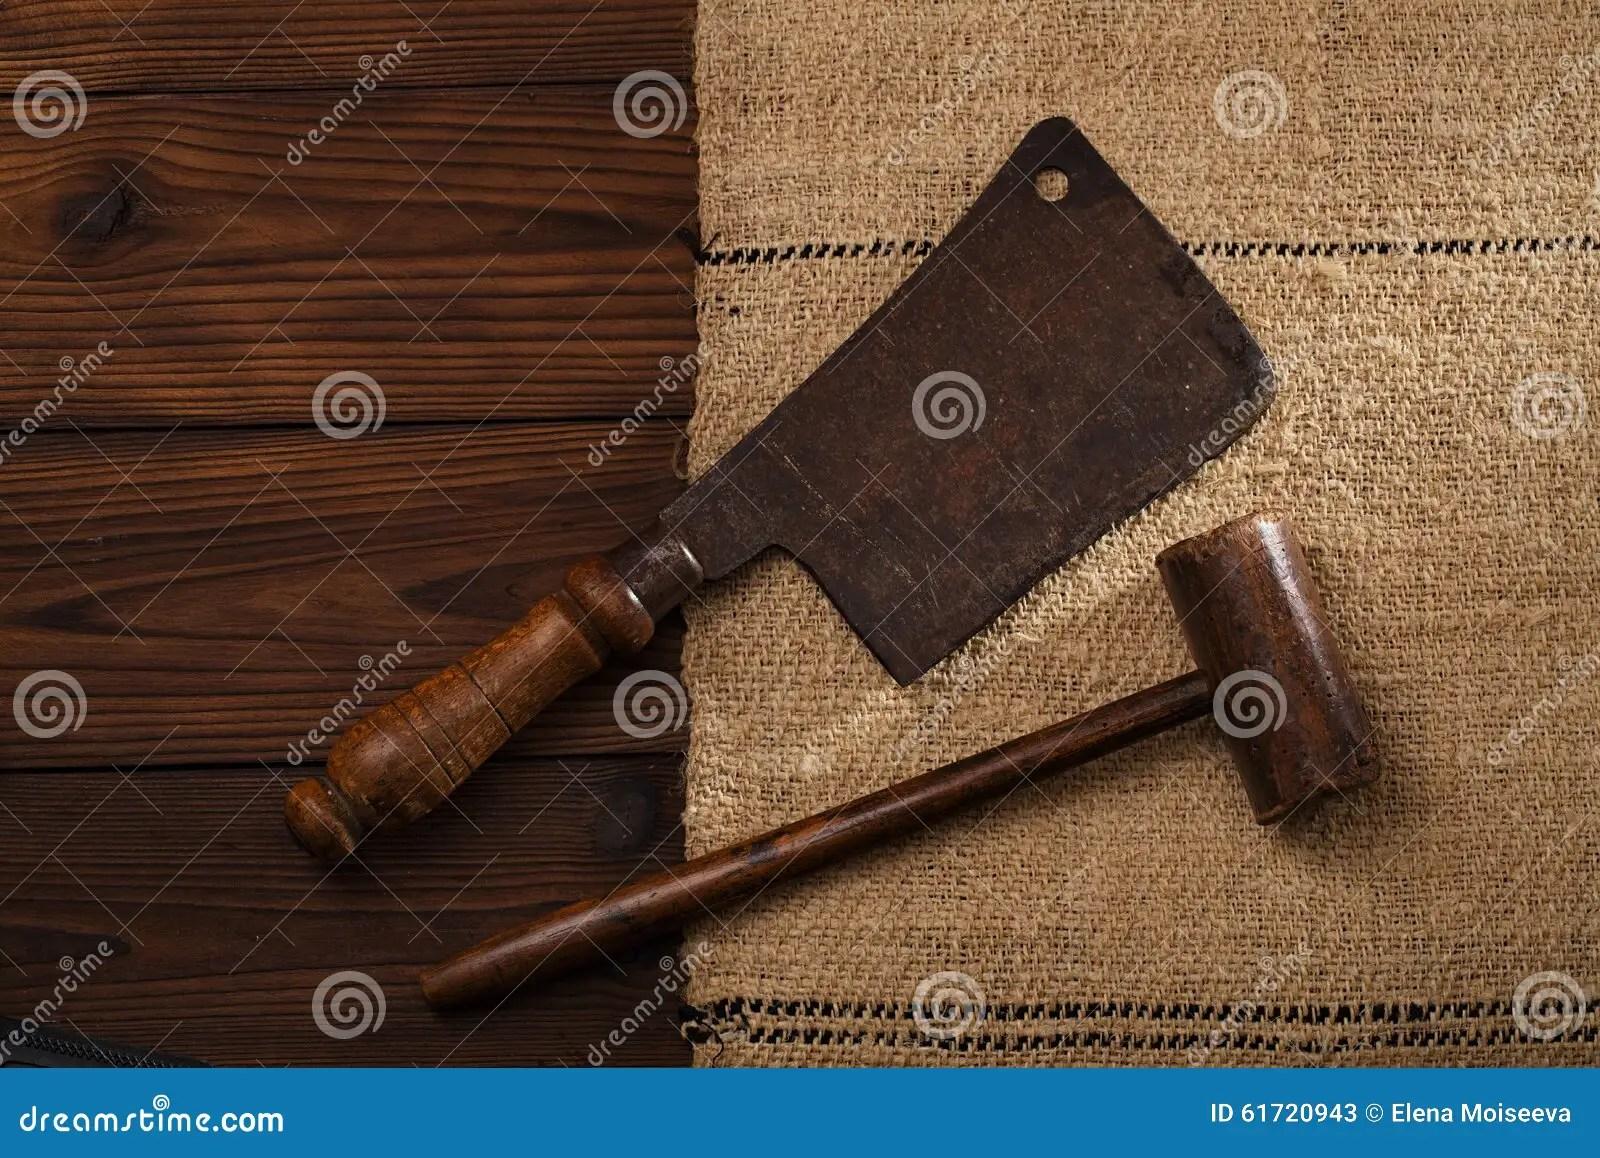 real vintage wooden mallet